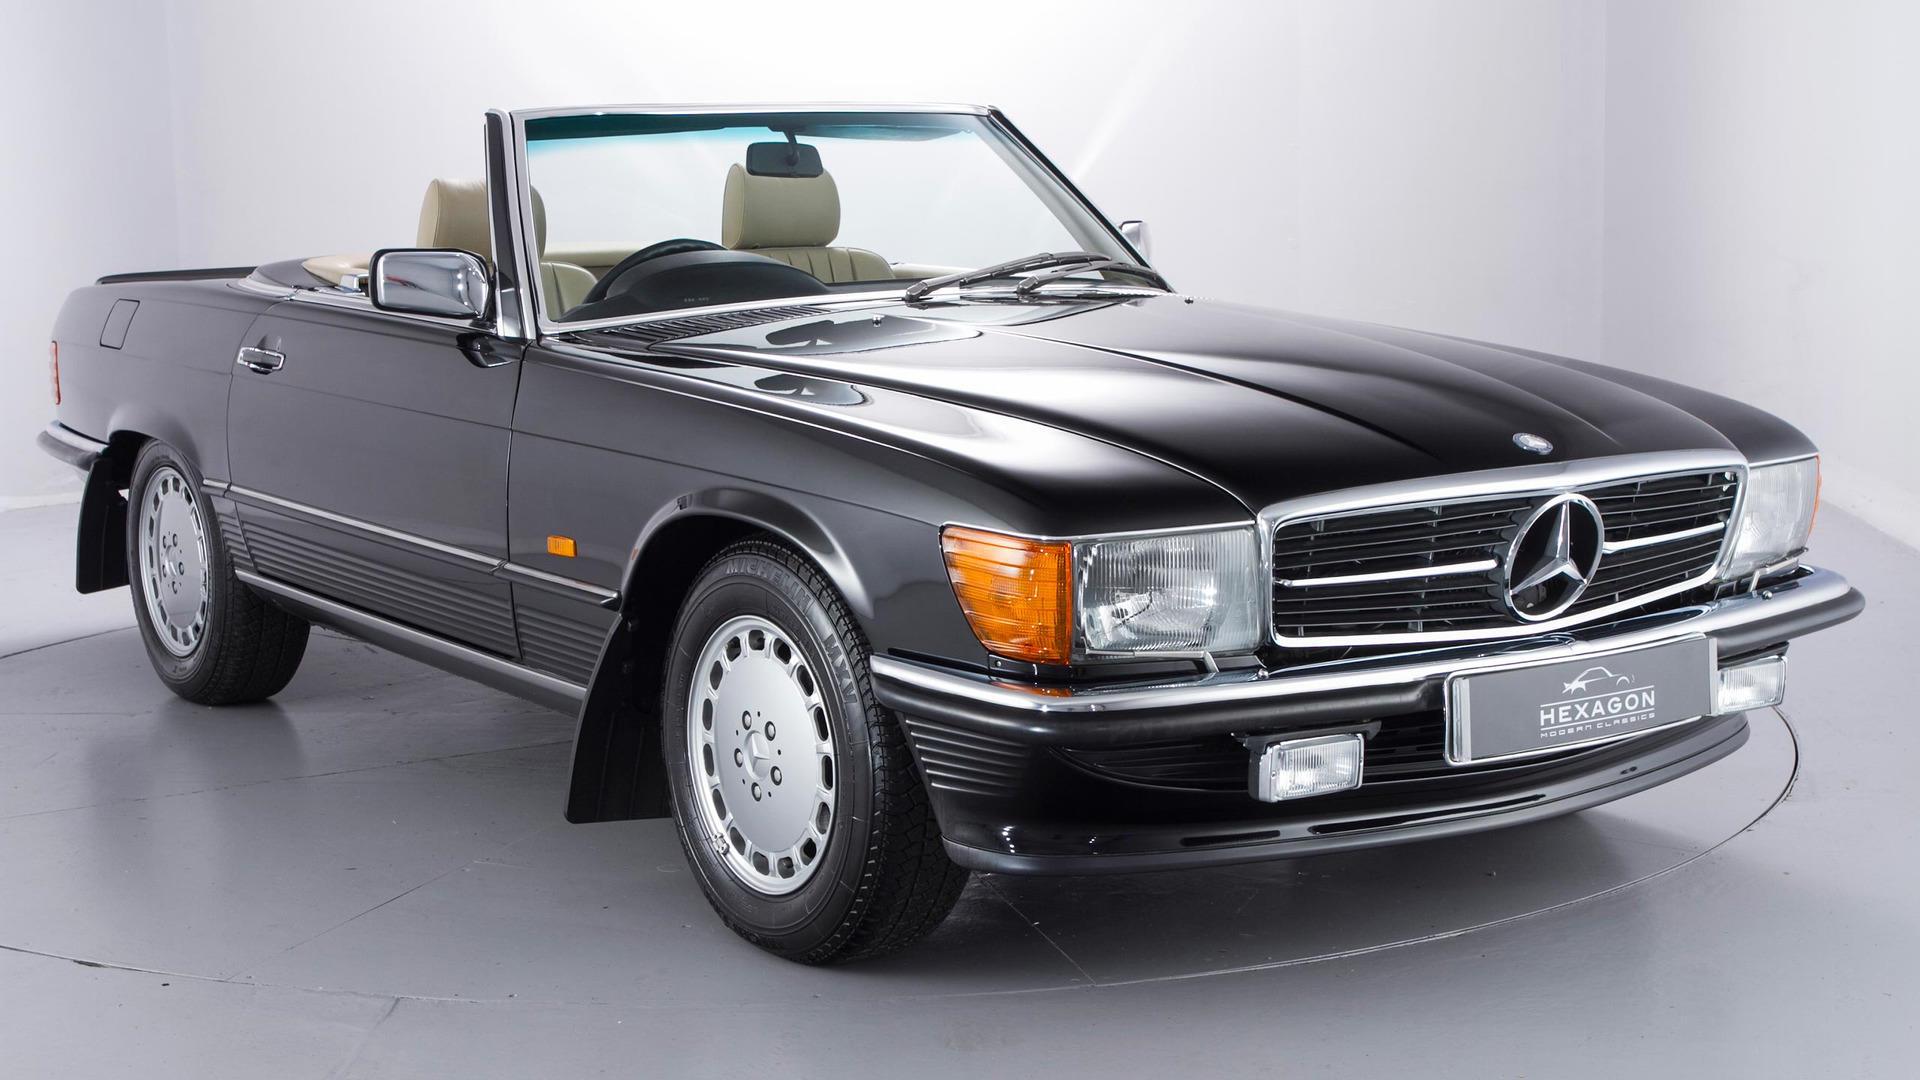 ¡Increíble! A subasta un Mercedes 500SL de 1989 con apenas 1.500 kilómetros